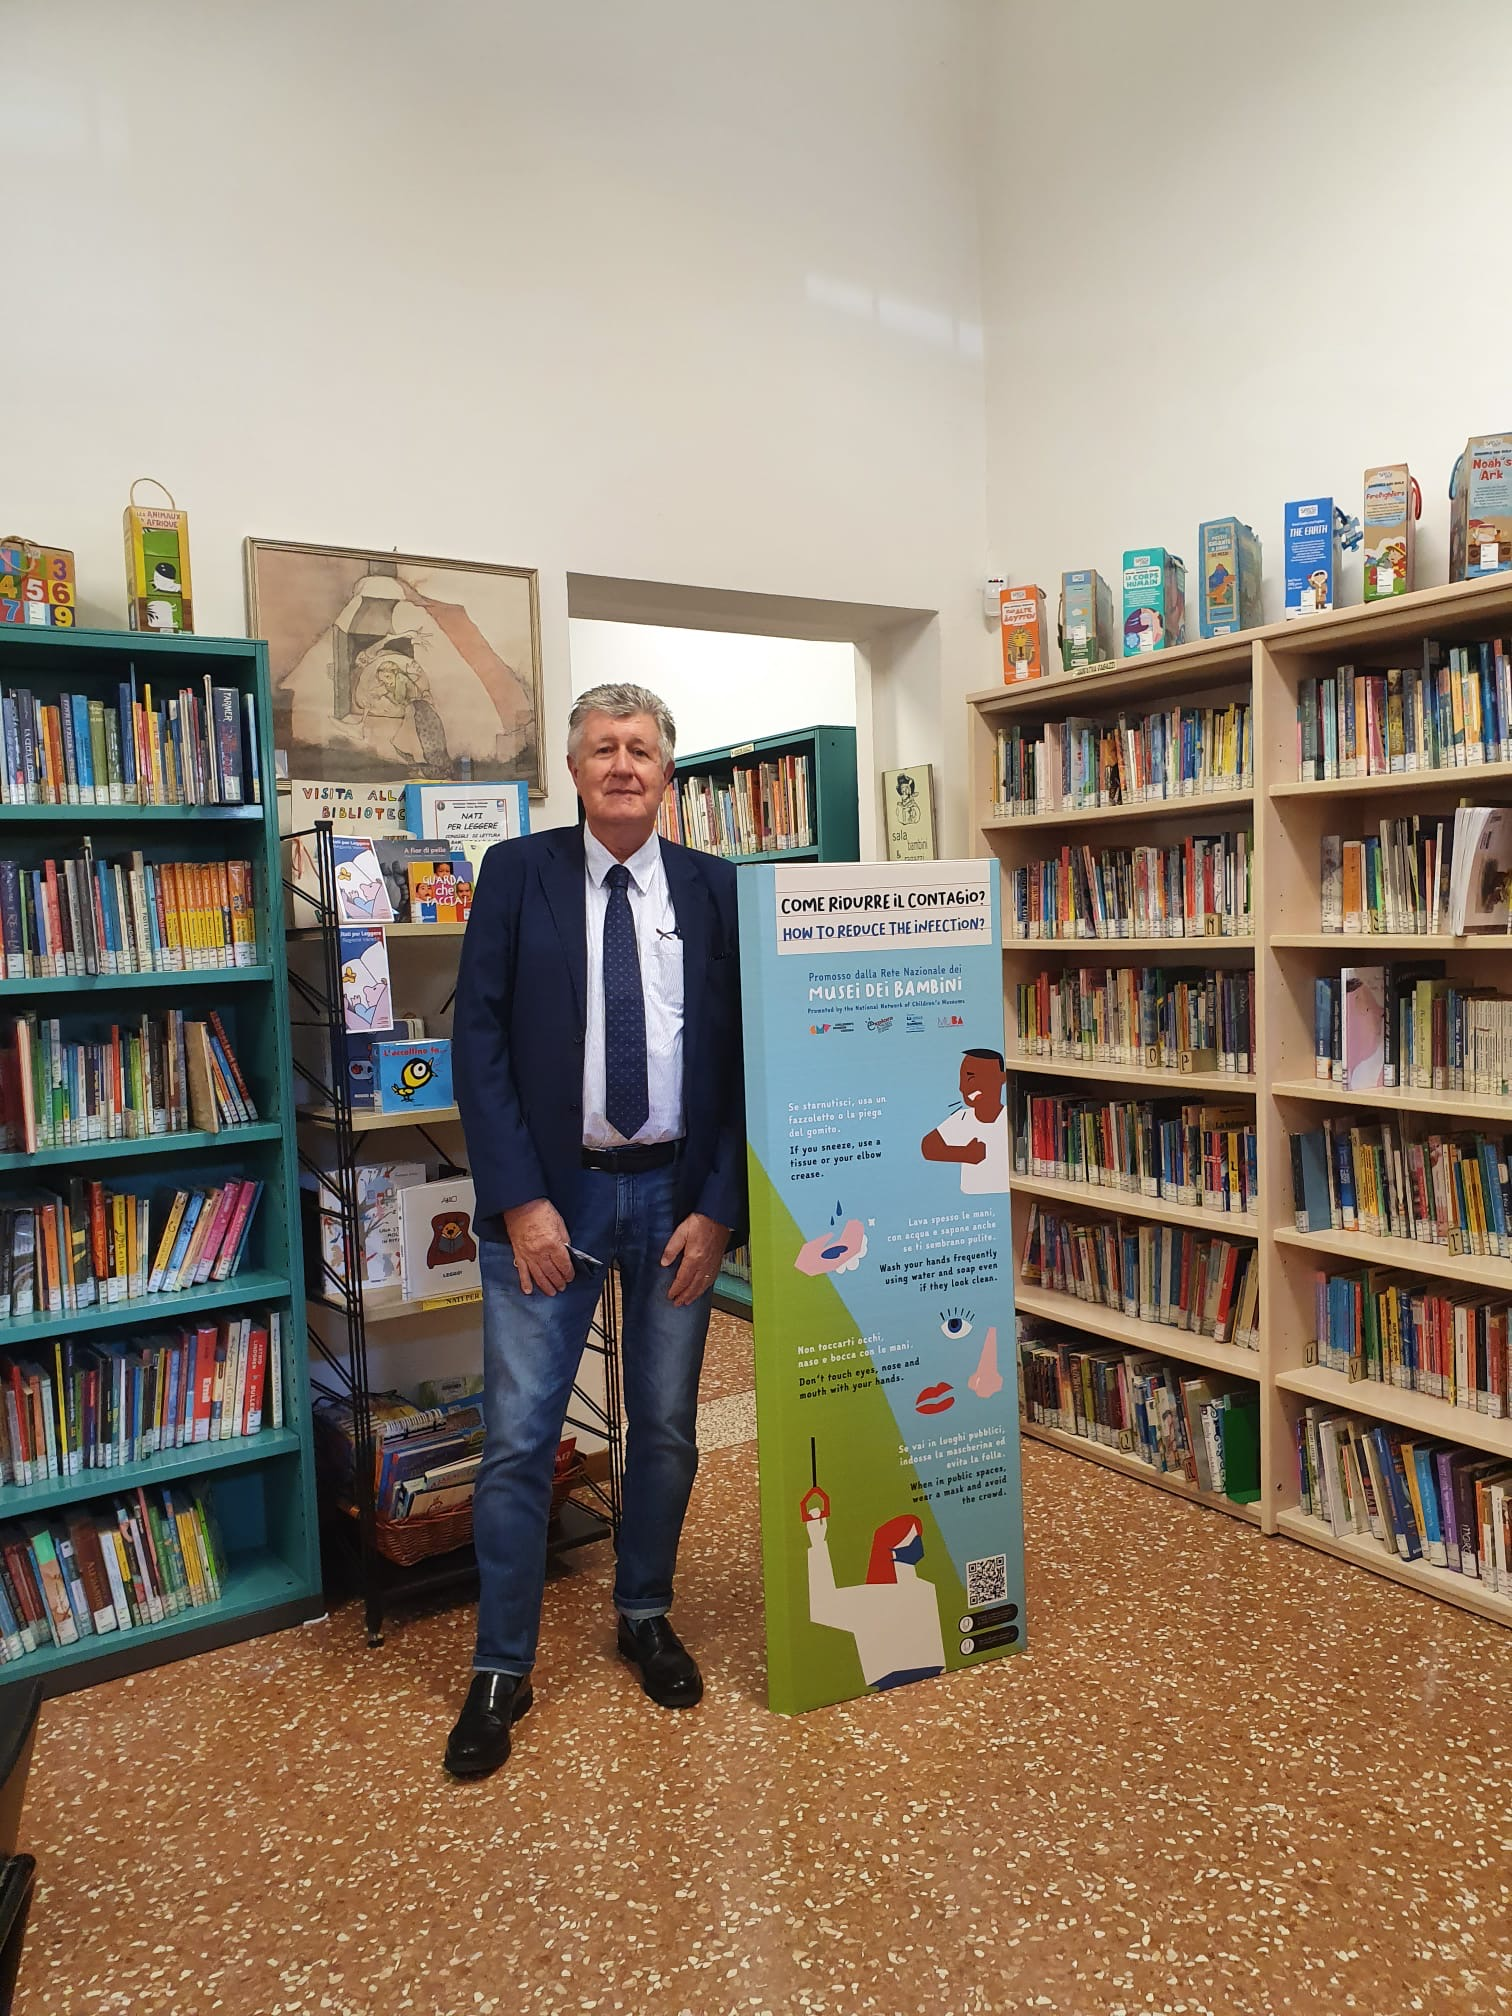 totem amici della bertoliana biblioteca vicenza lotta al covid-19 bambini scuole veneto associazione antonio bicego donazione